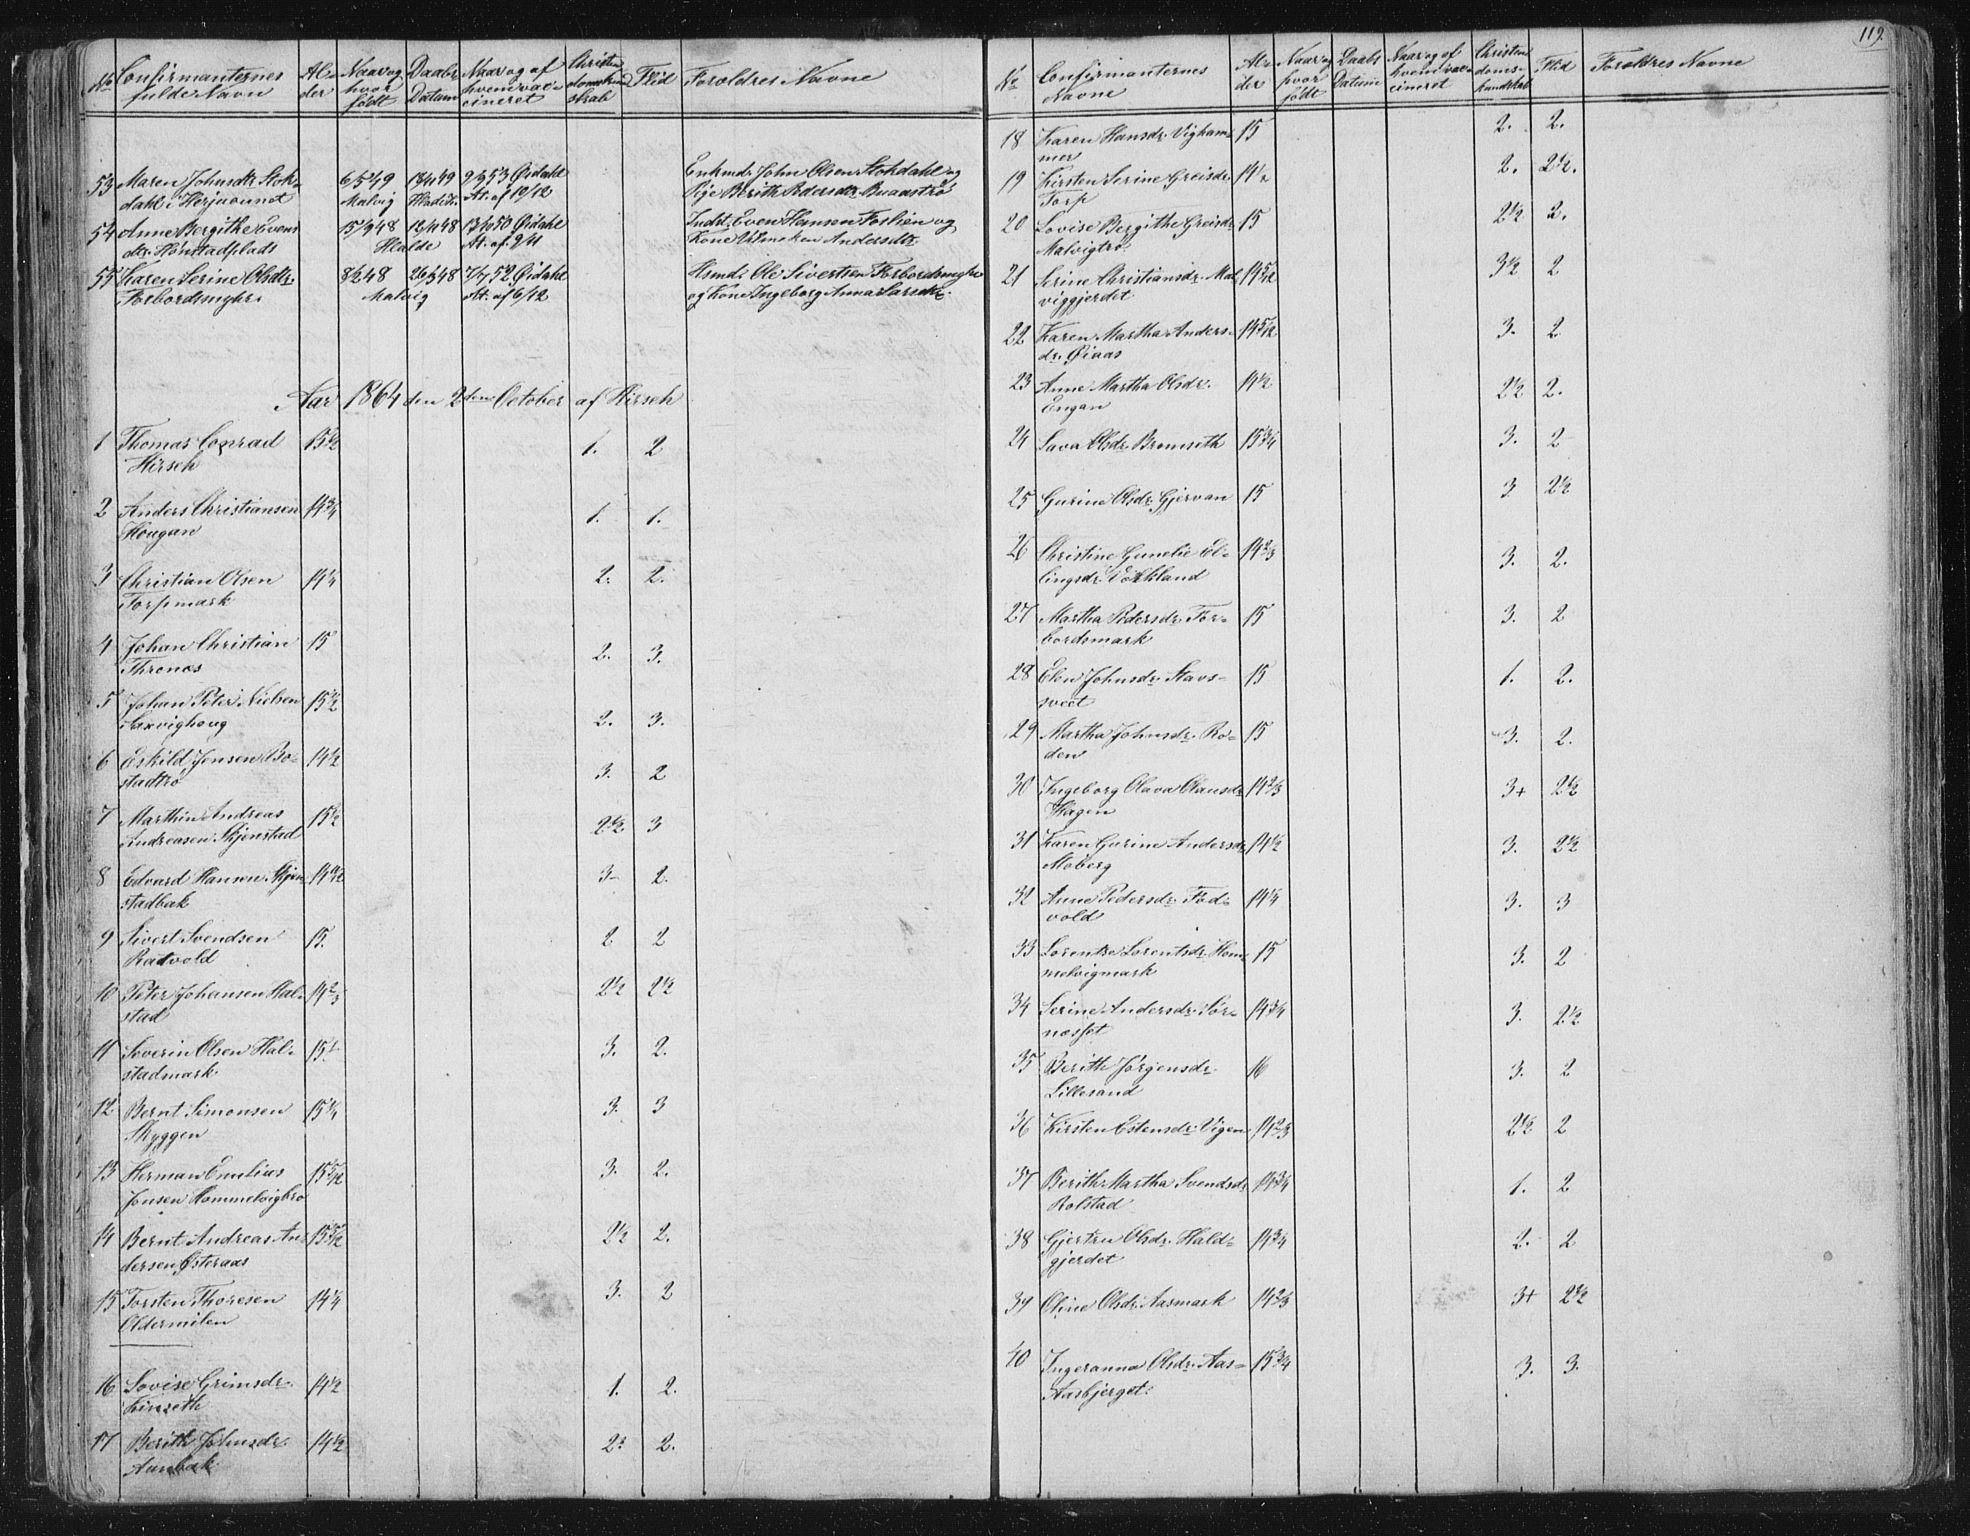 SAT, Ministerialprotokoller, klokkerbøker og fødselsregistre - Sør-Trøndelag, 616/L0406: Ministerialbok nr. 616A03, 1843-1879, s. 119